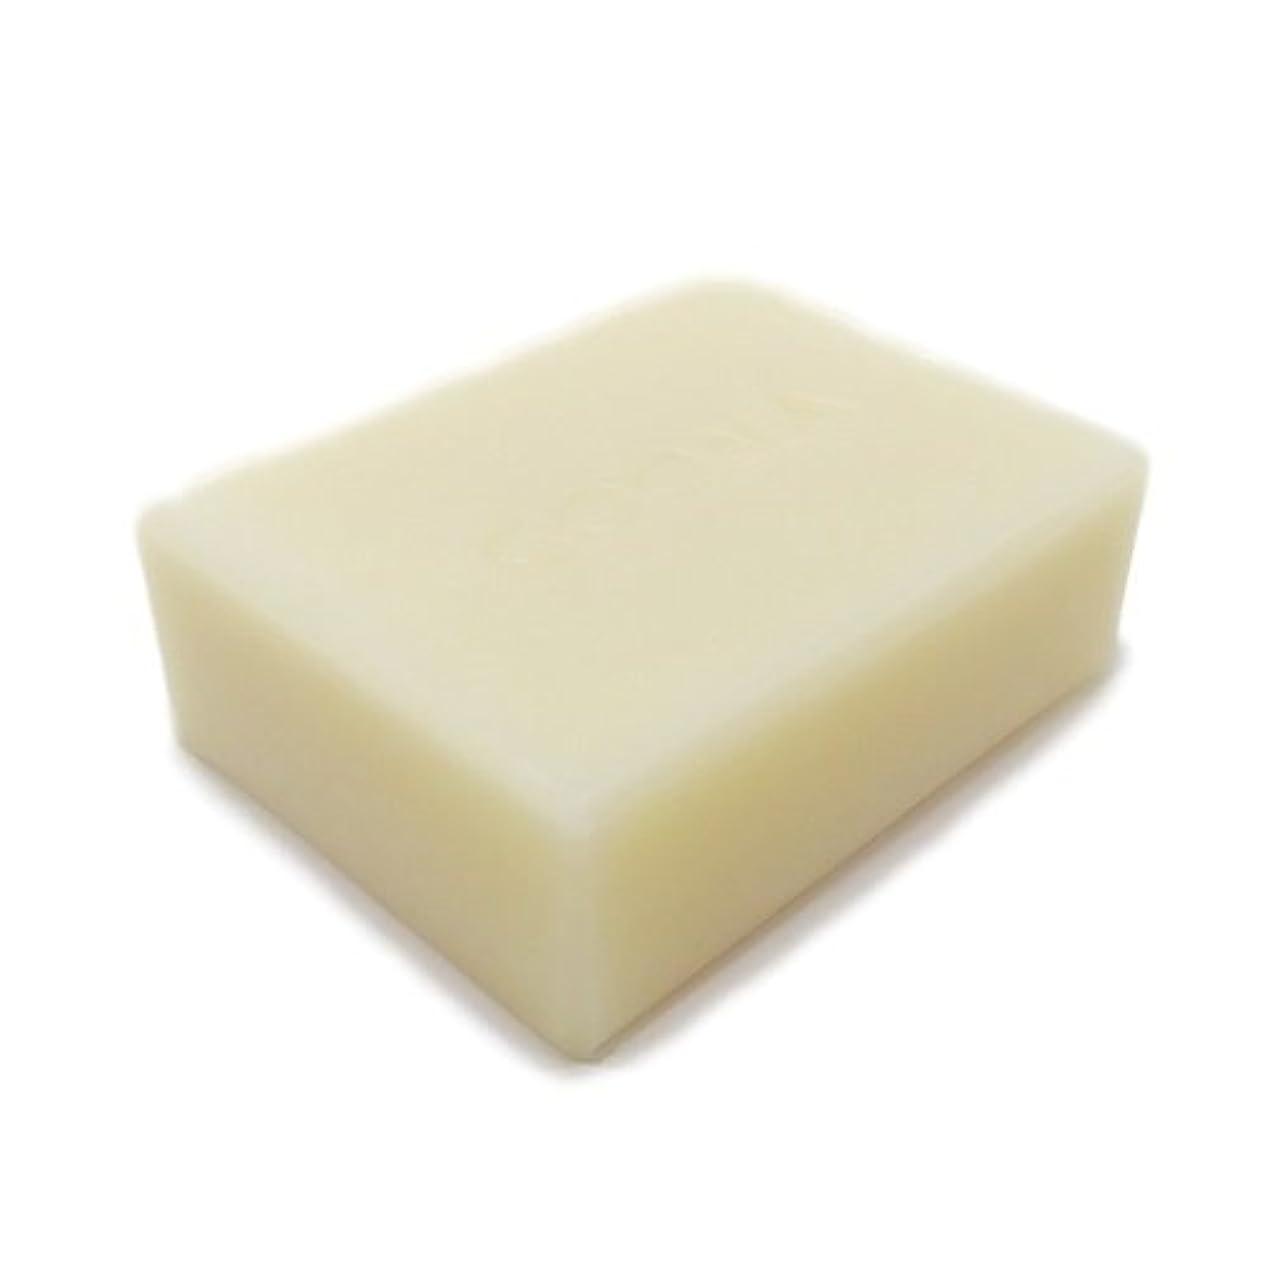 雄弁食料品店めまい浴用石鹸 COONA和の香り石けん ゆず (天然素材 自然派 コールドプロセス 手作り せっけん) 80g